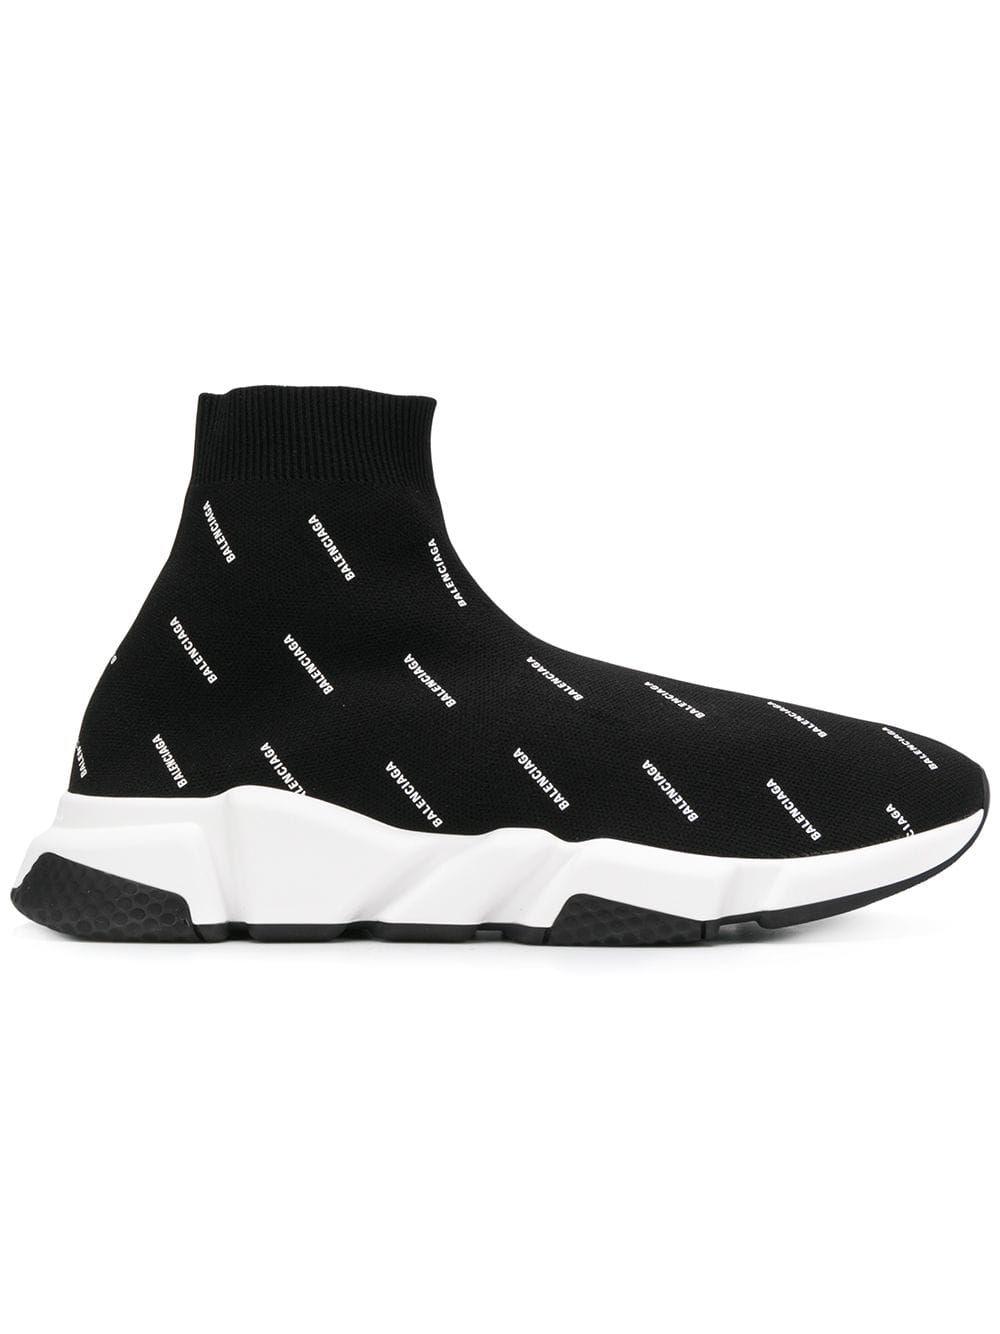 BALENCIAGA BALENCIAGA MEN'S BLACK BOOTS. #balenciaga #shoes